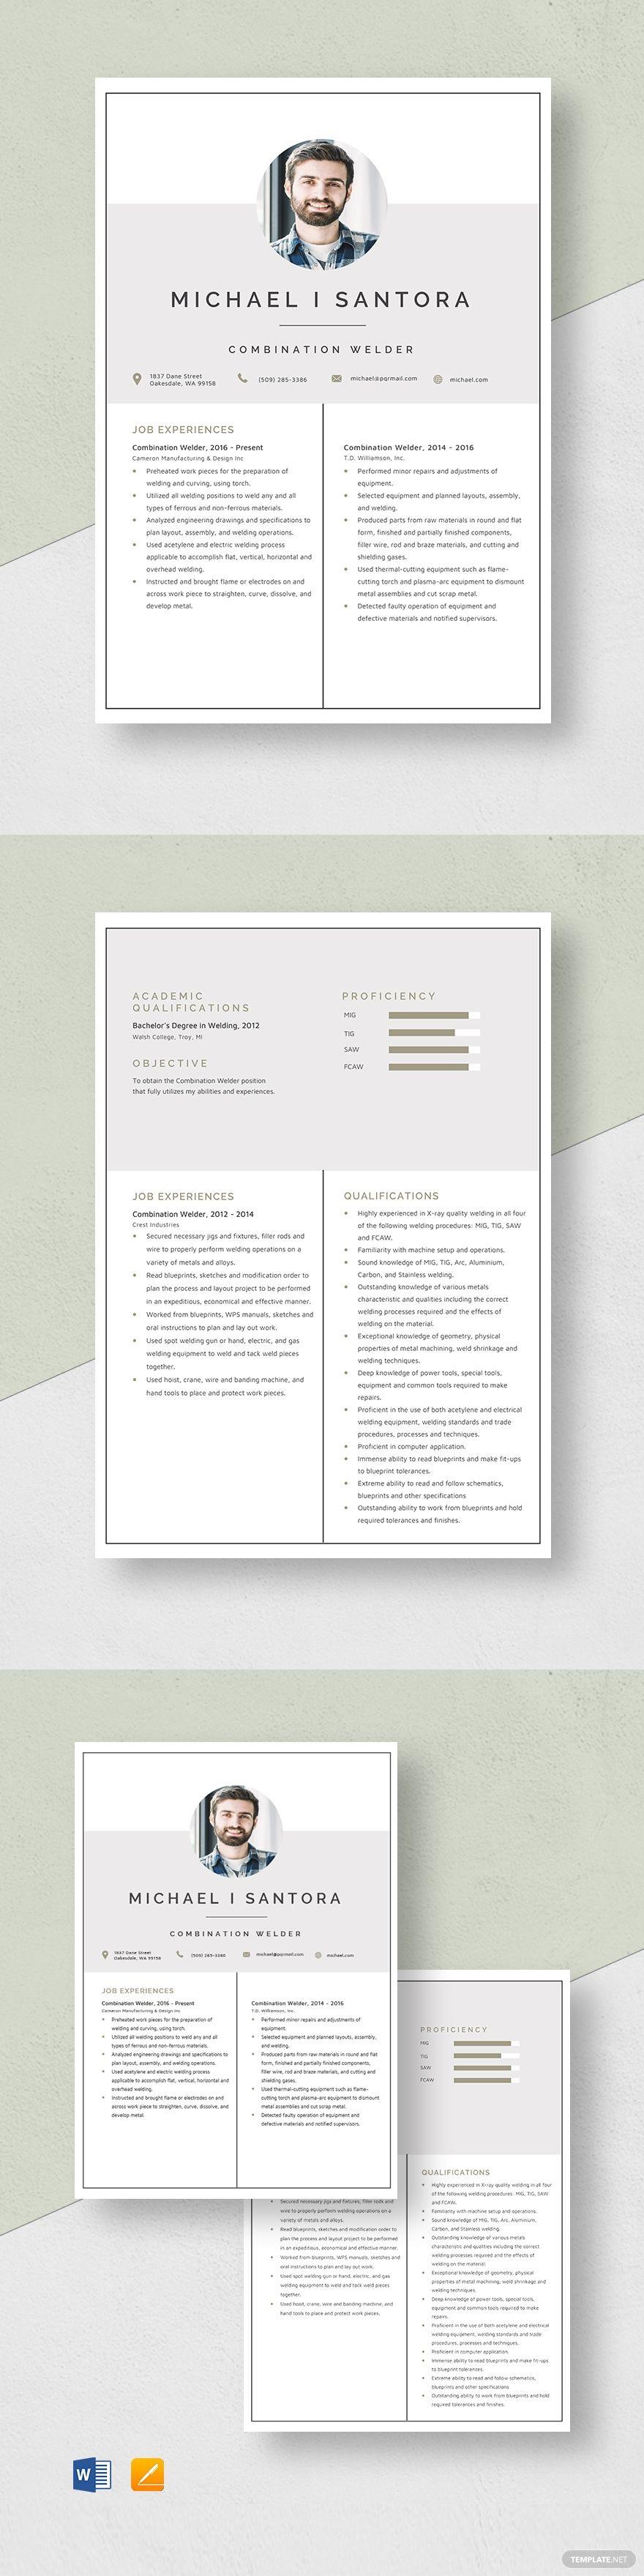 Combination welder resume template in 2020 resume